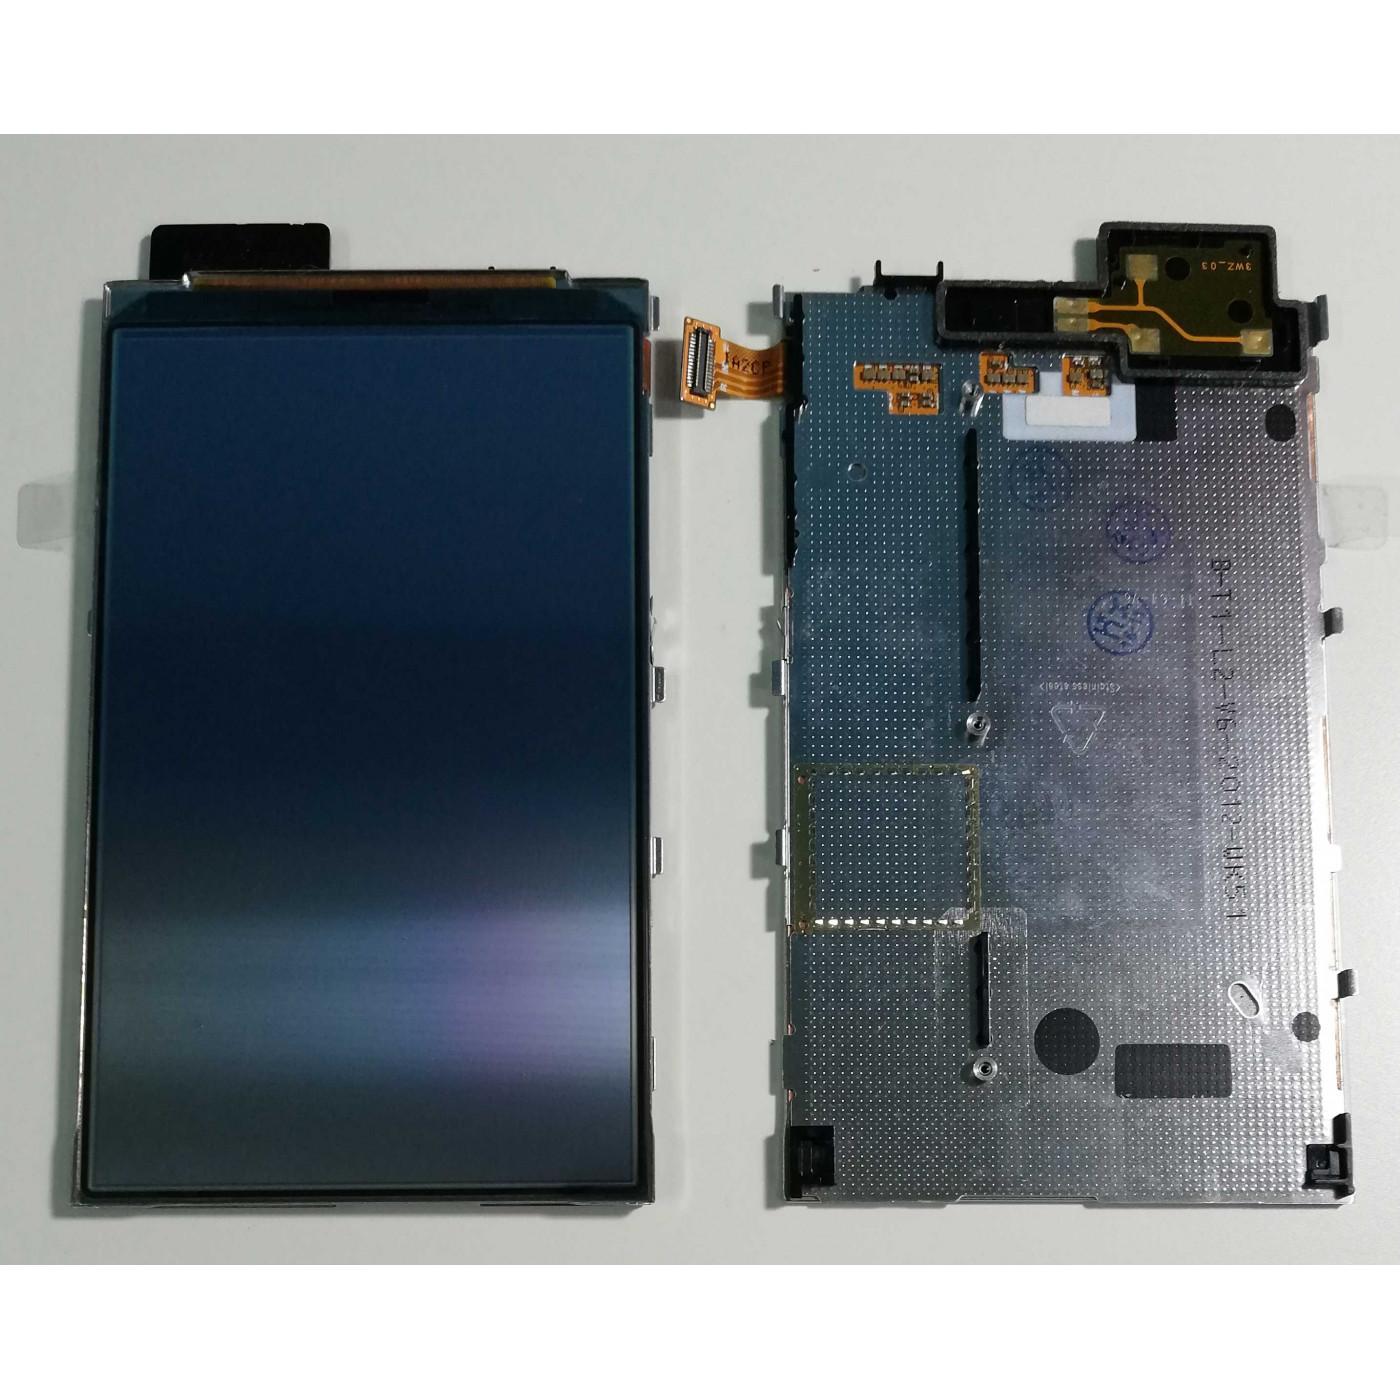 LCD DISPLAY NOKIA LUMIA 820 ÉCRAN MONITEUR